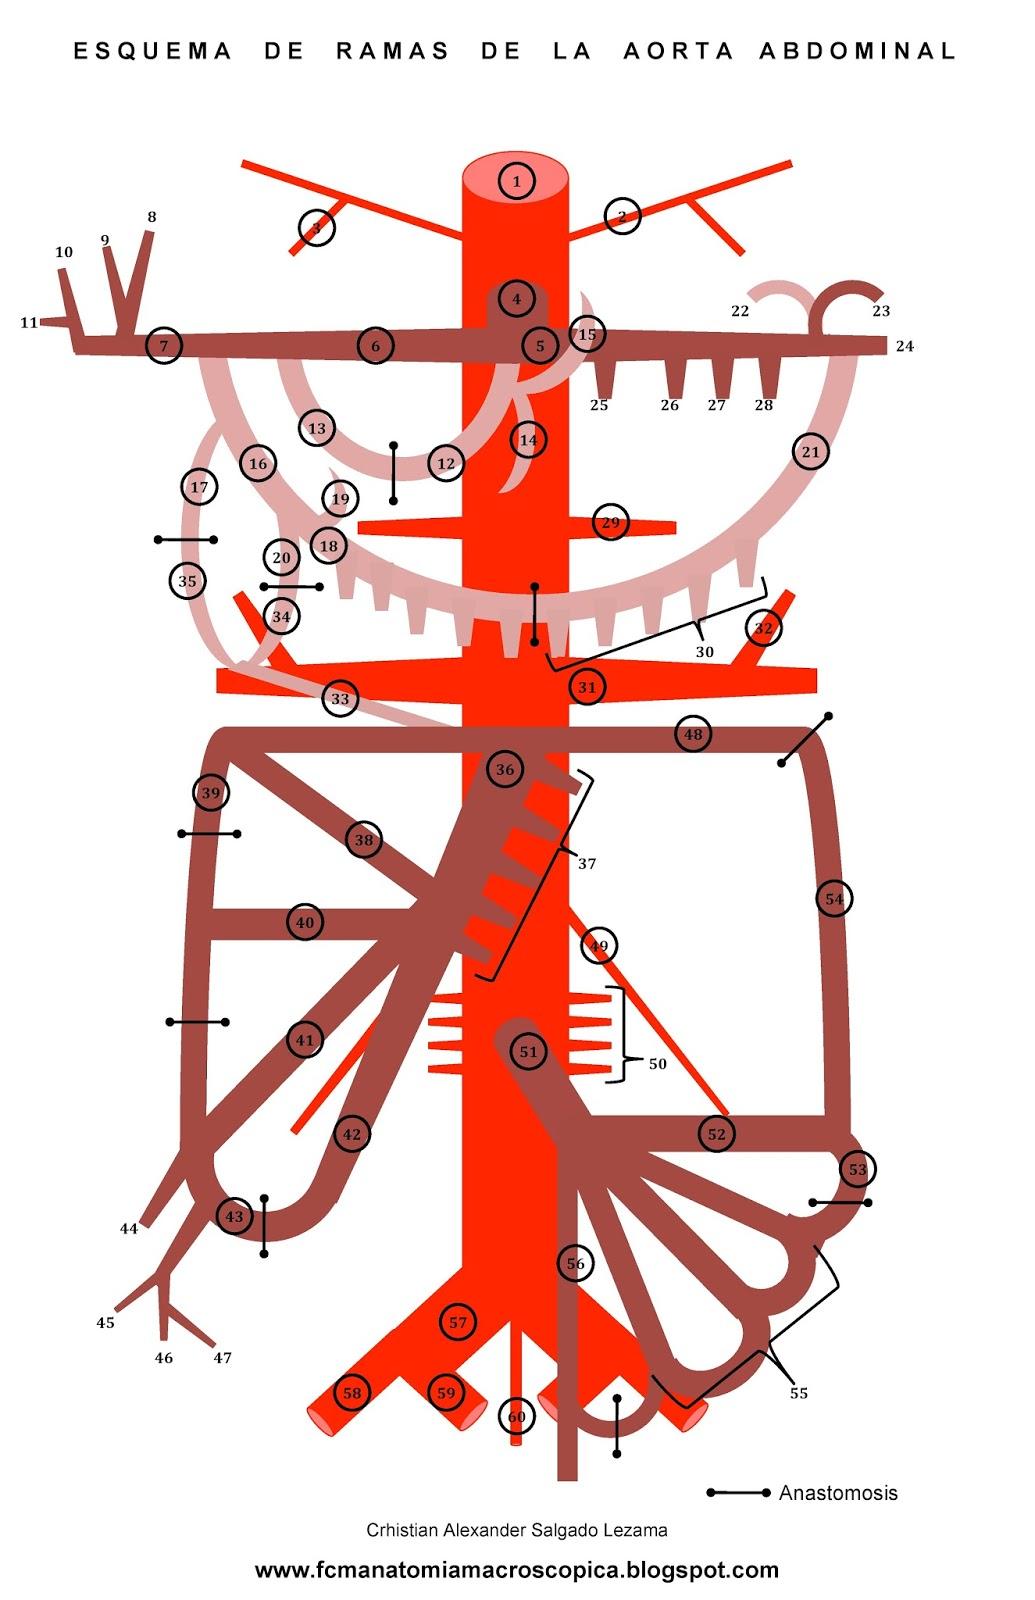 FCM-UNAH Anatomía Macroscópica: Ramas de la Aorta Abdominal